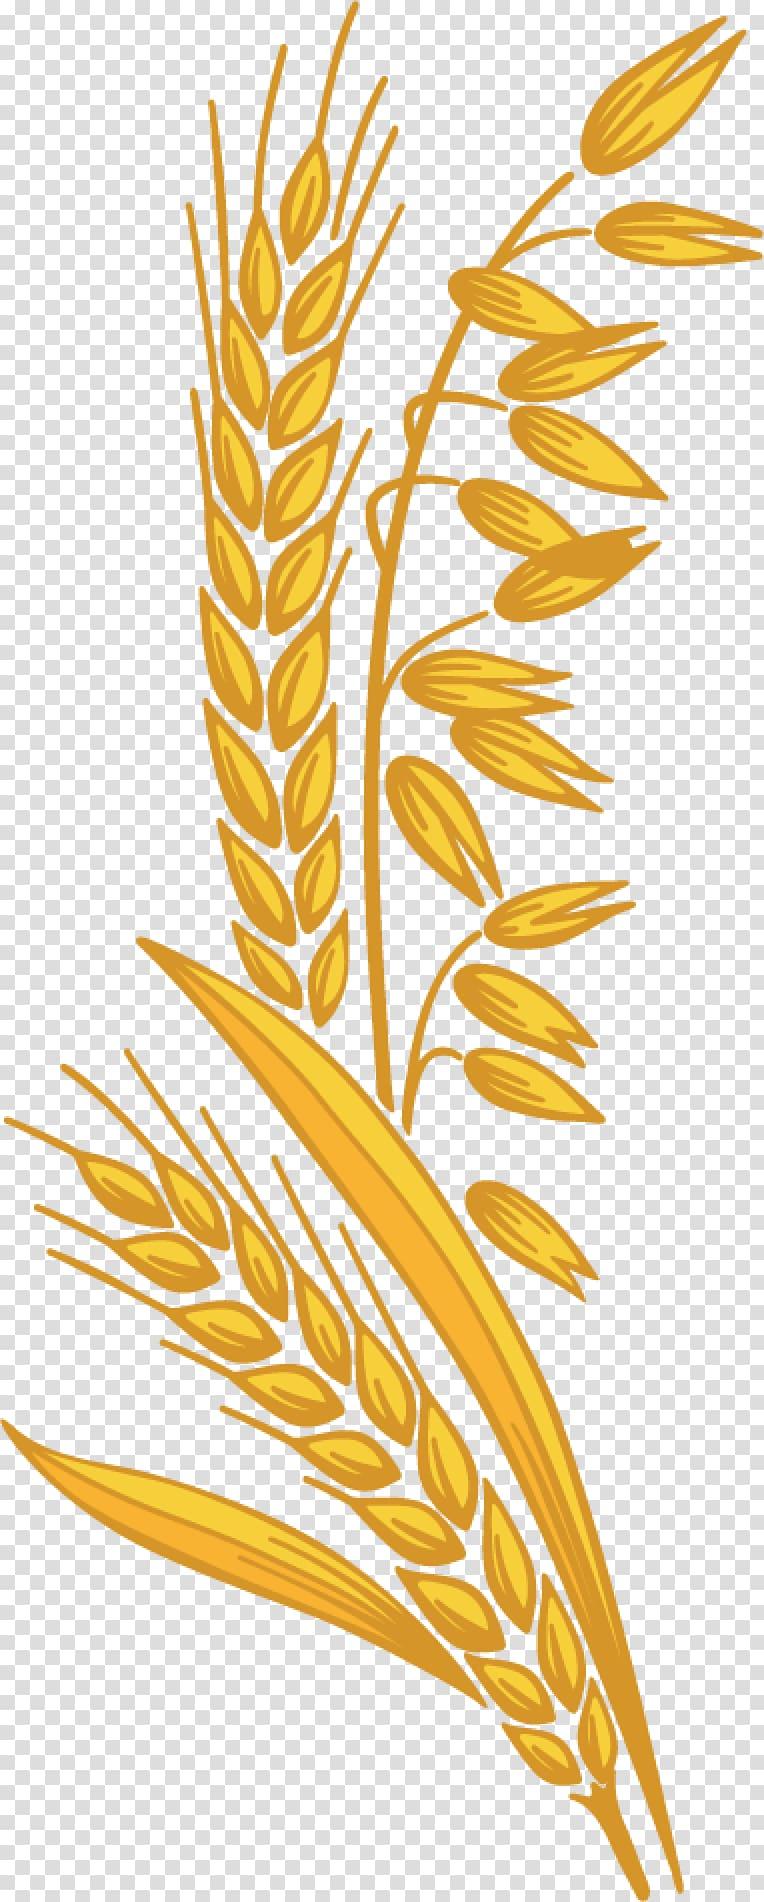 Dietary fiber cereal germ. Oatmeal clipart grain